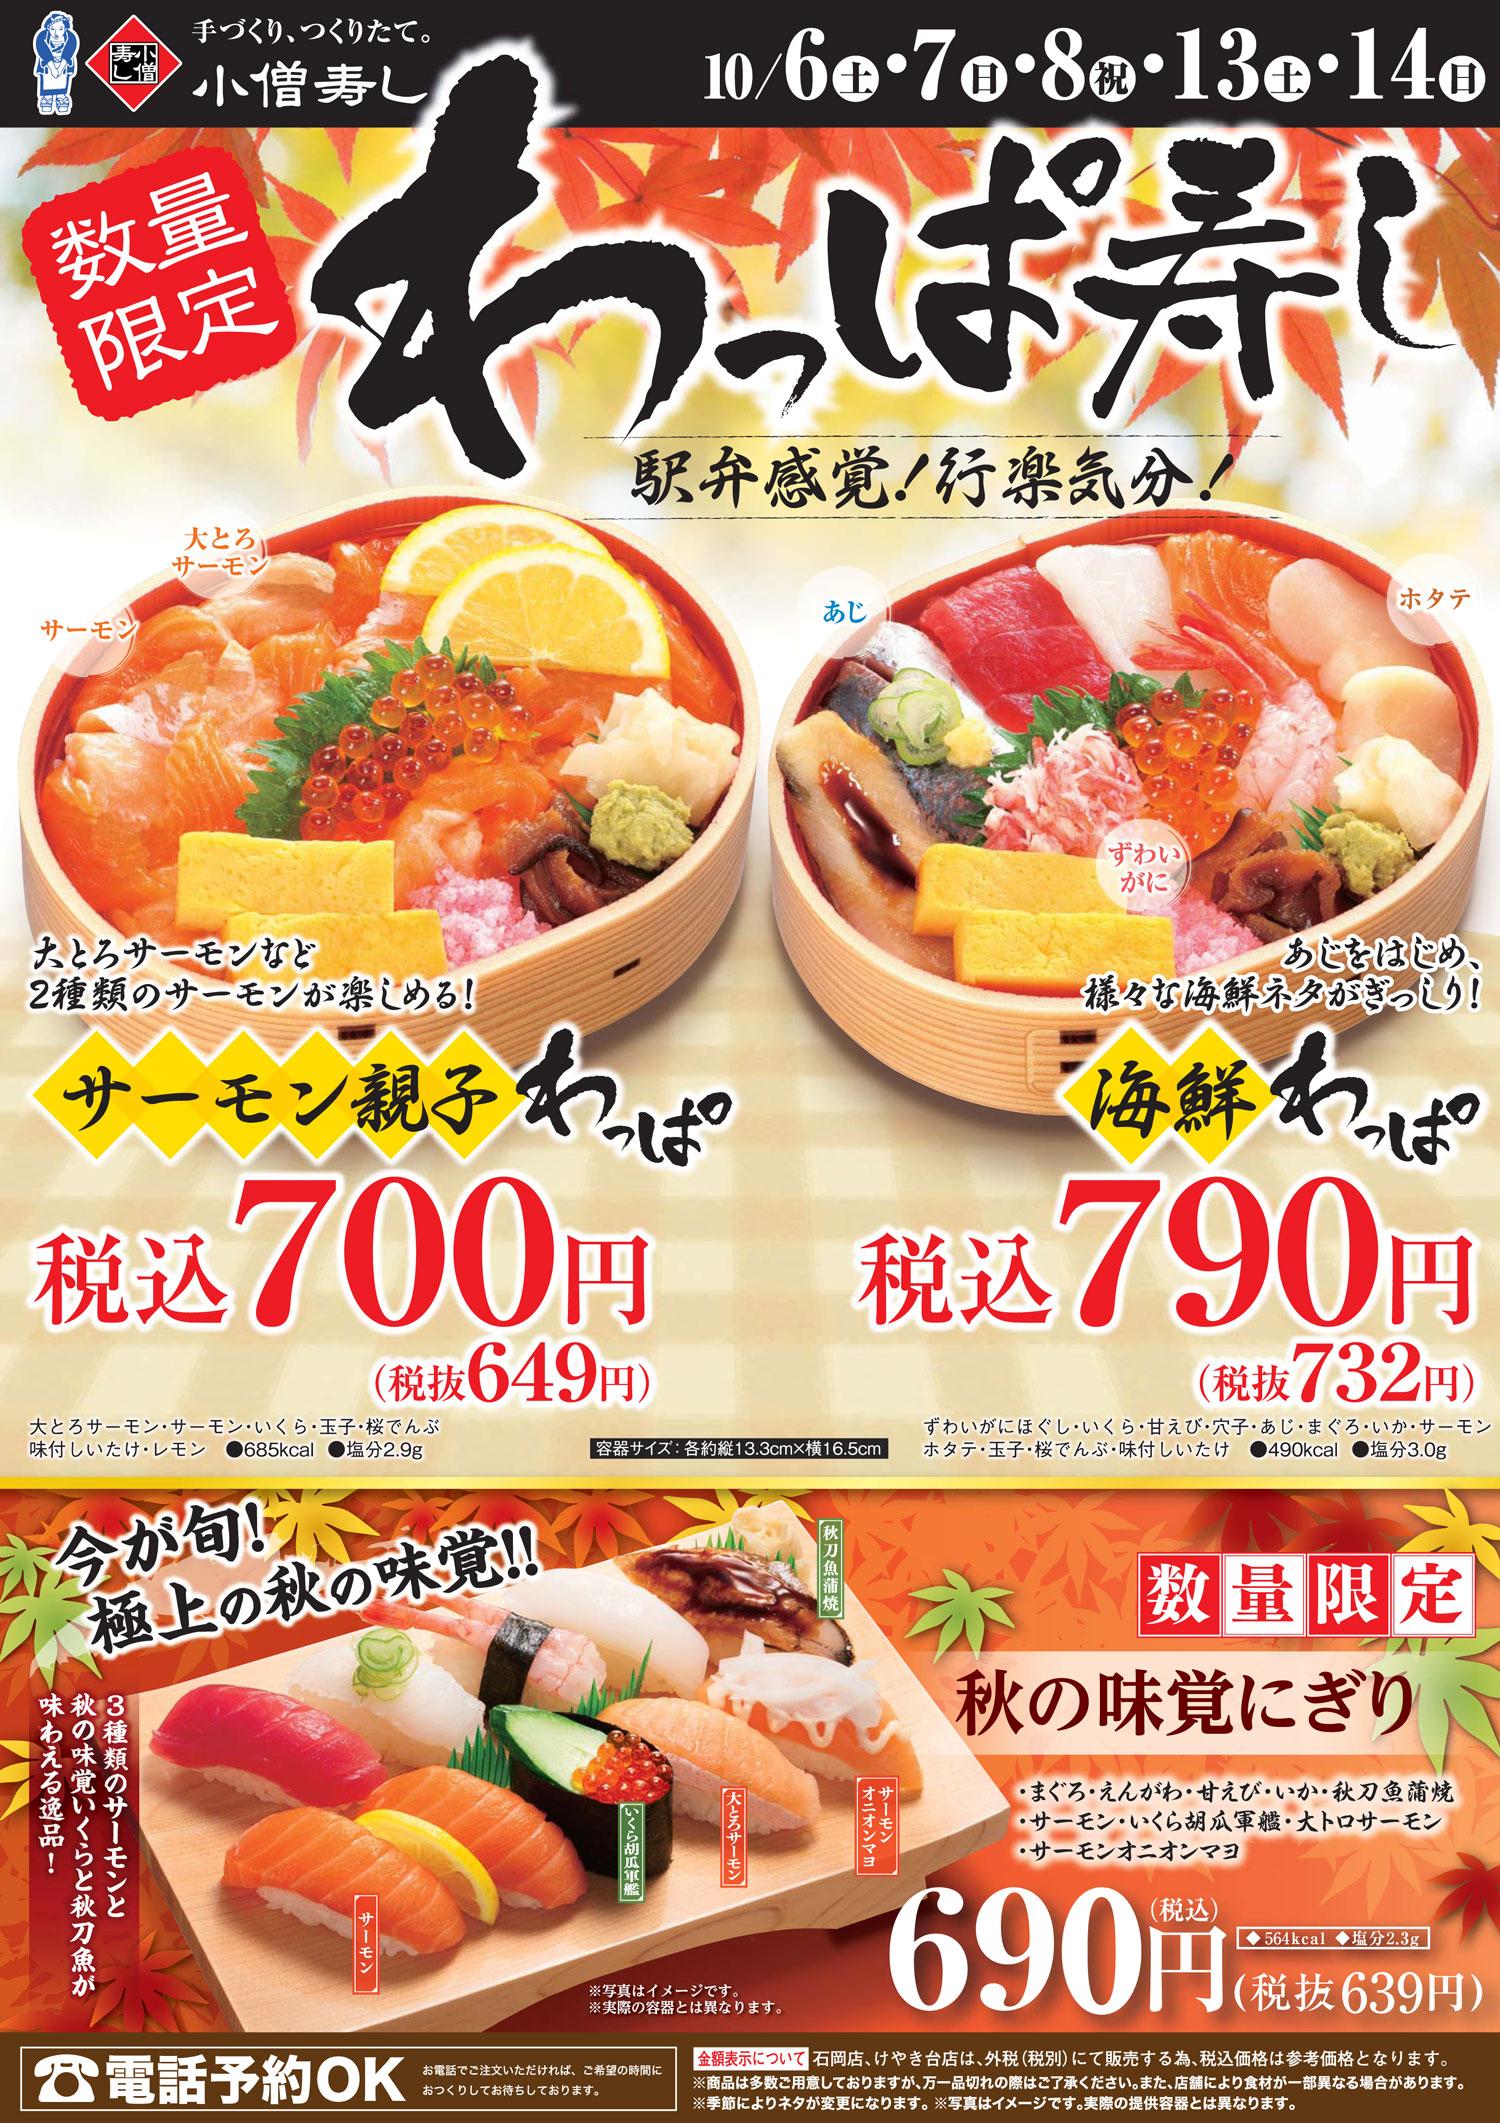 秋の味覚 サーモン&秋刀魚